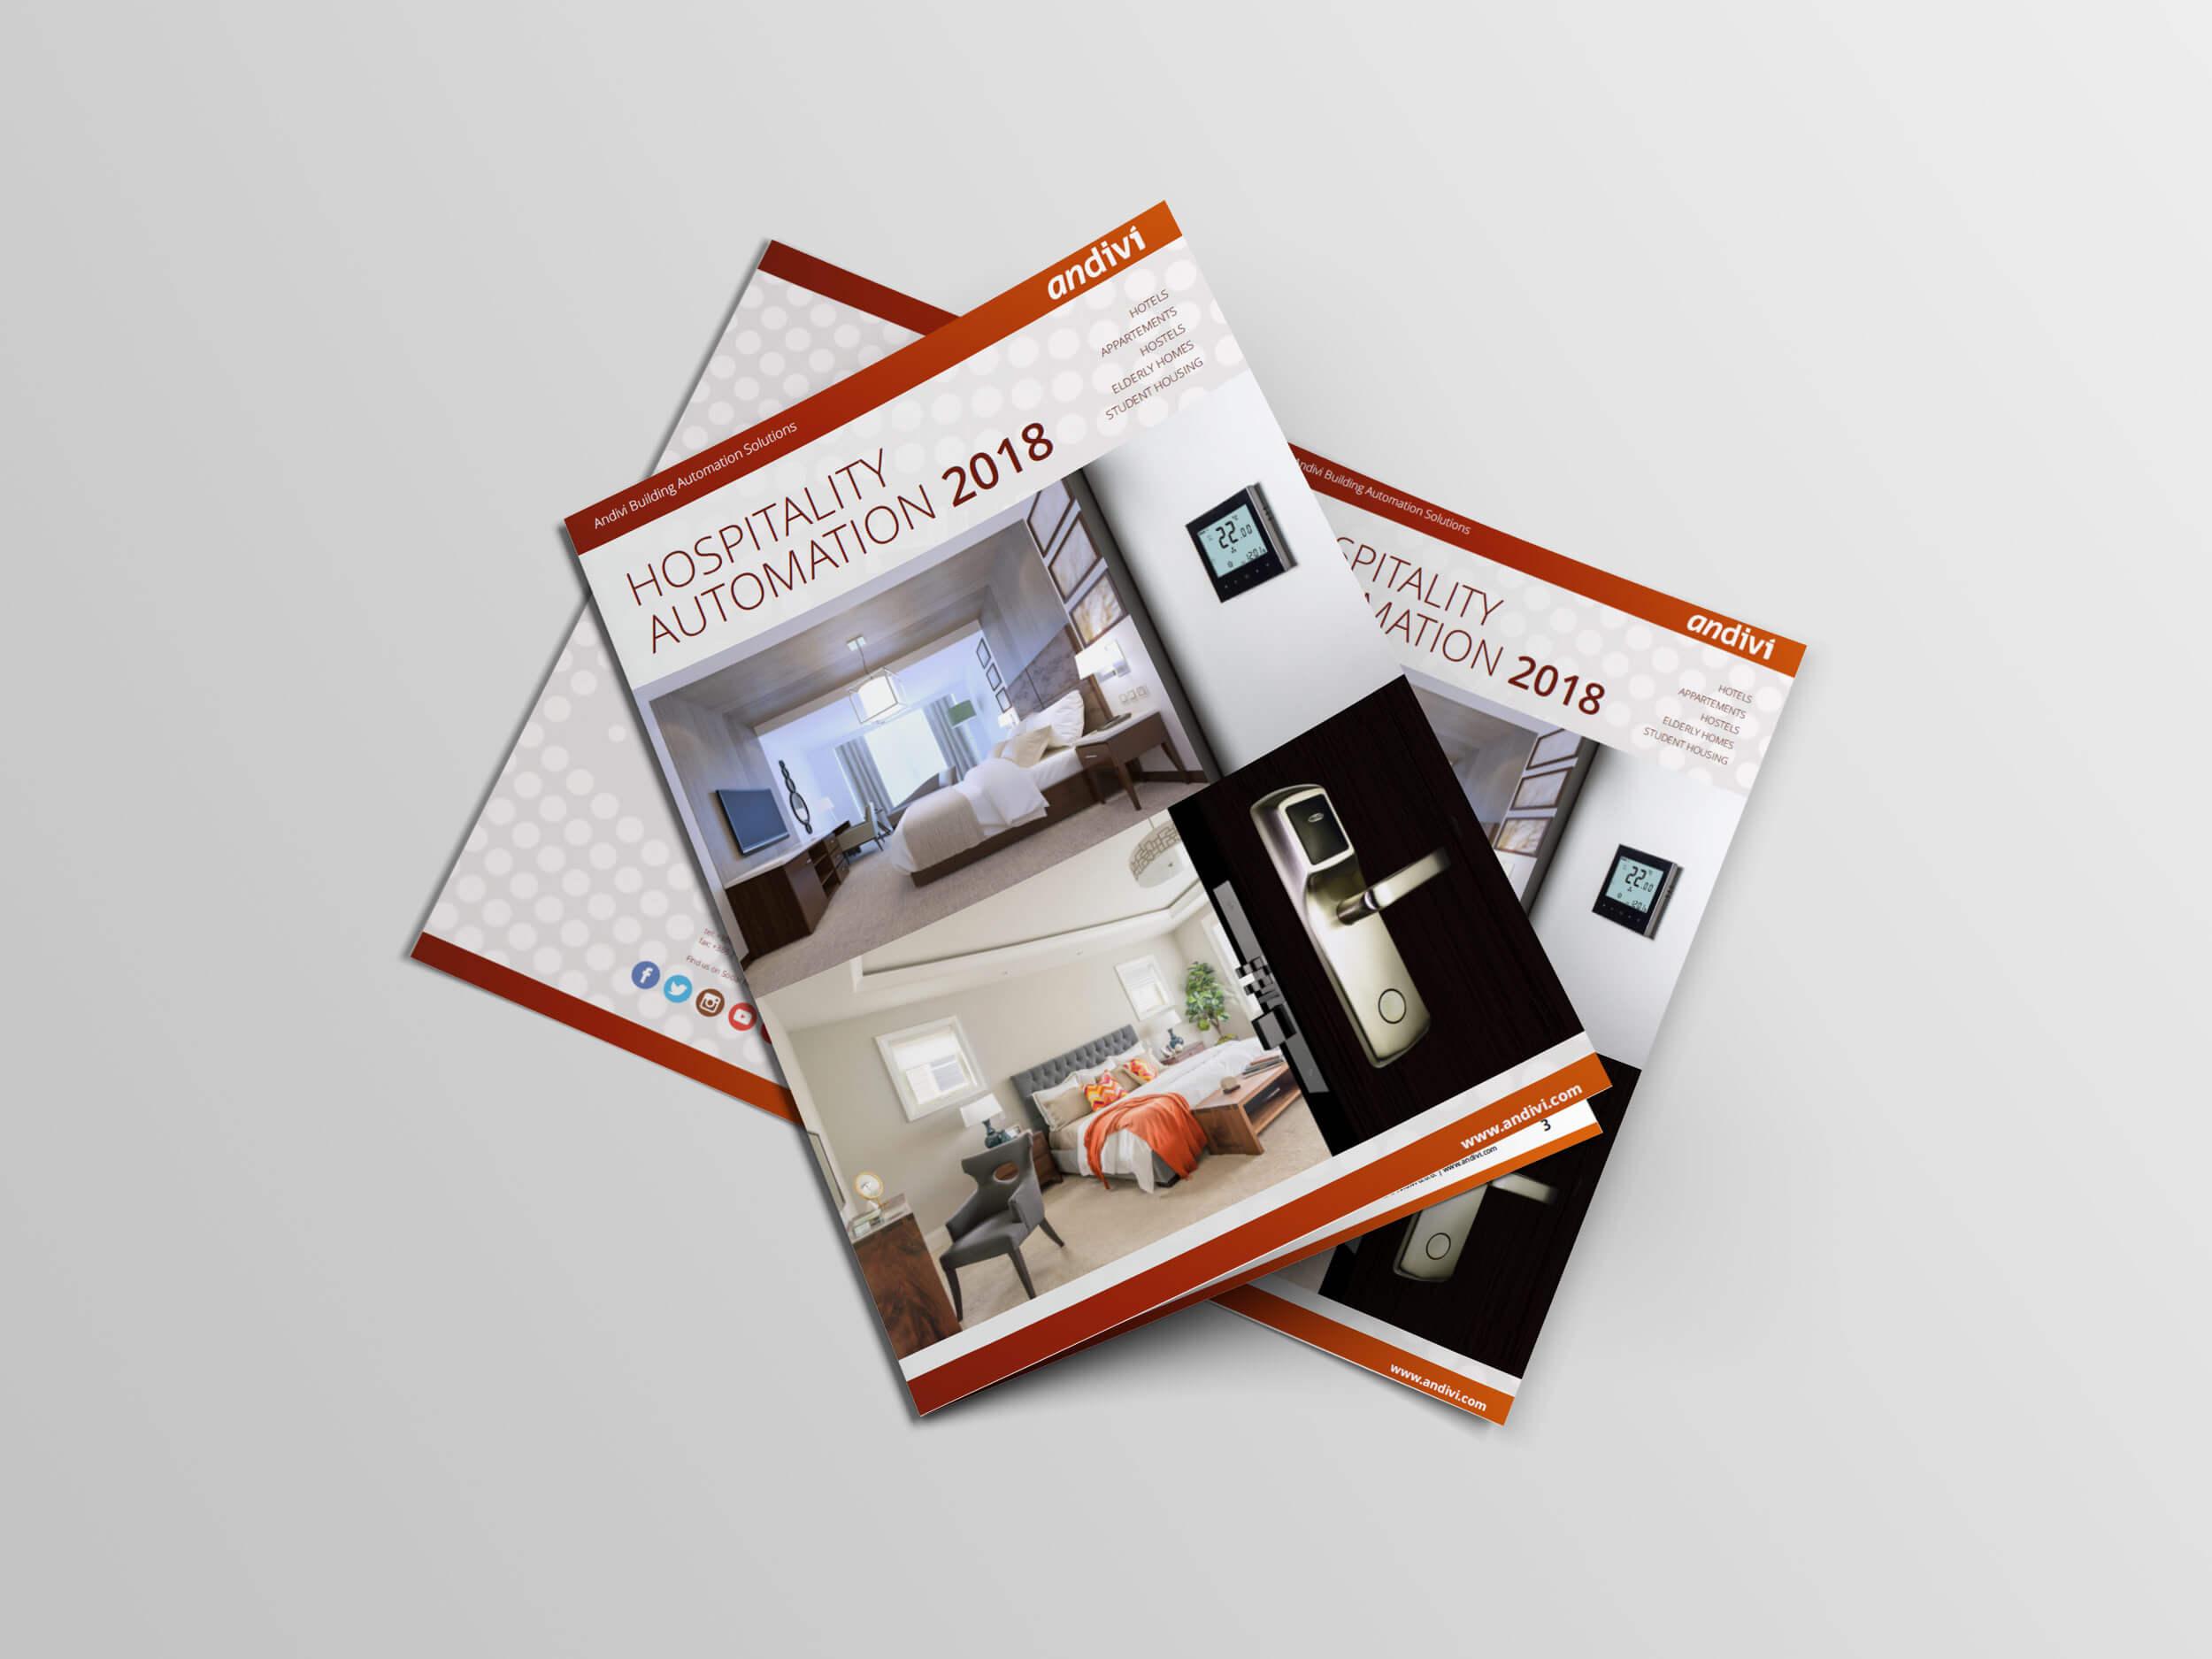 Andivi katalog_avtomatizacija sobe_elektronske kljuke_termostat